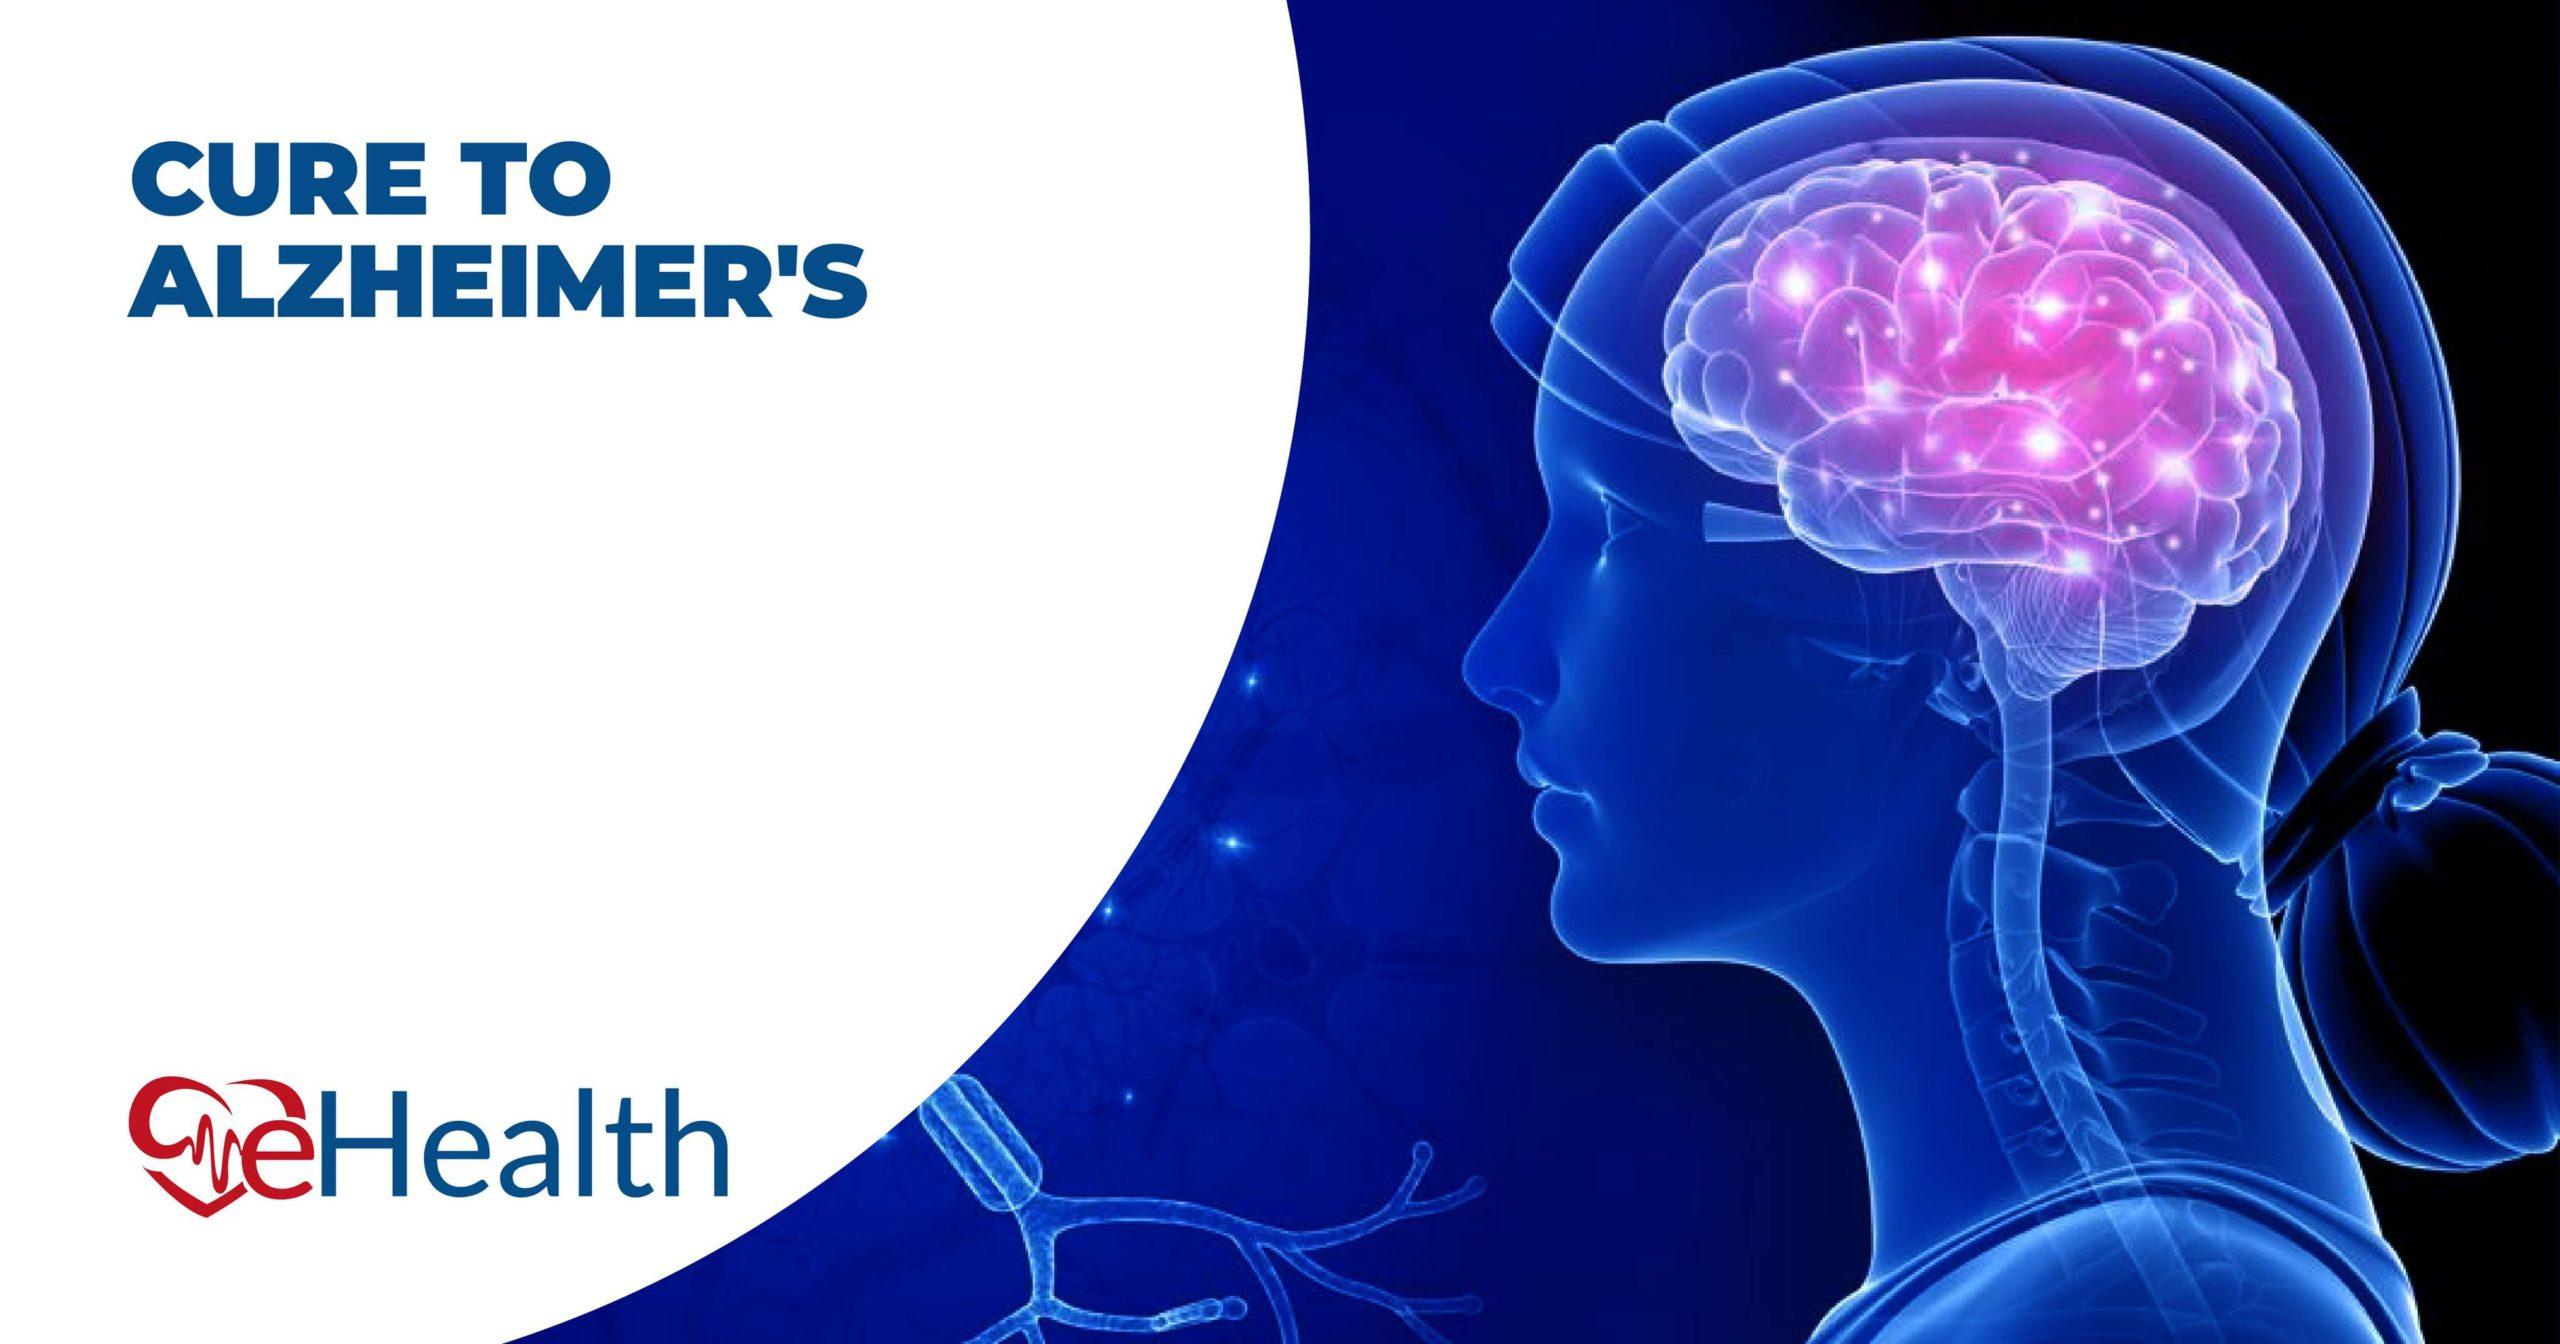 Alzheimer's cure 2021